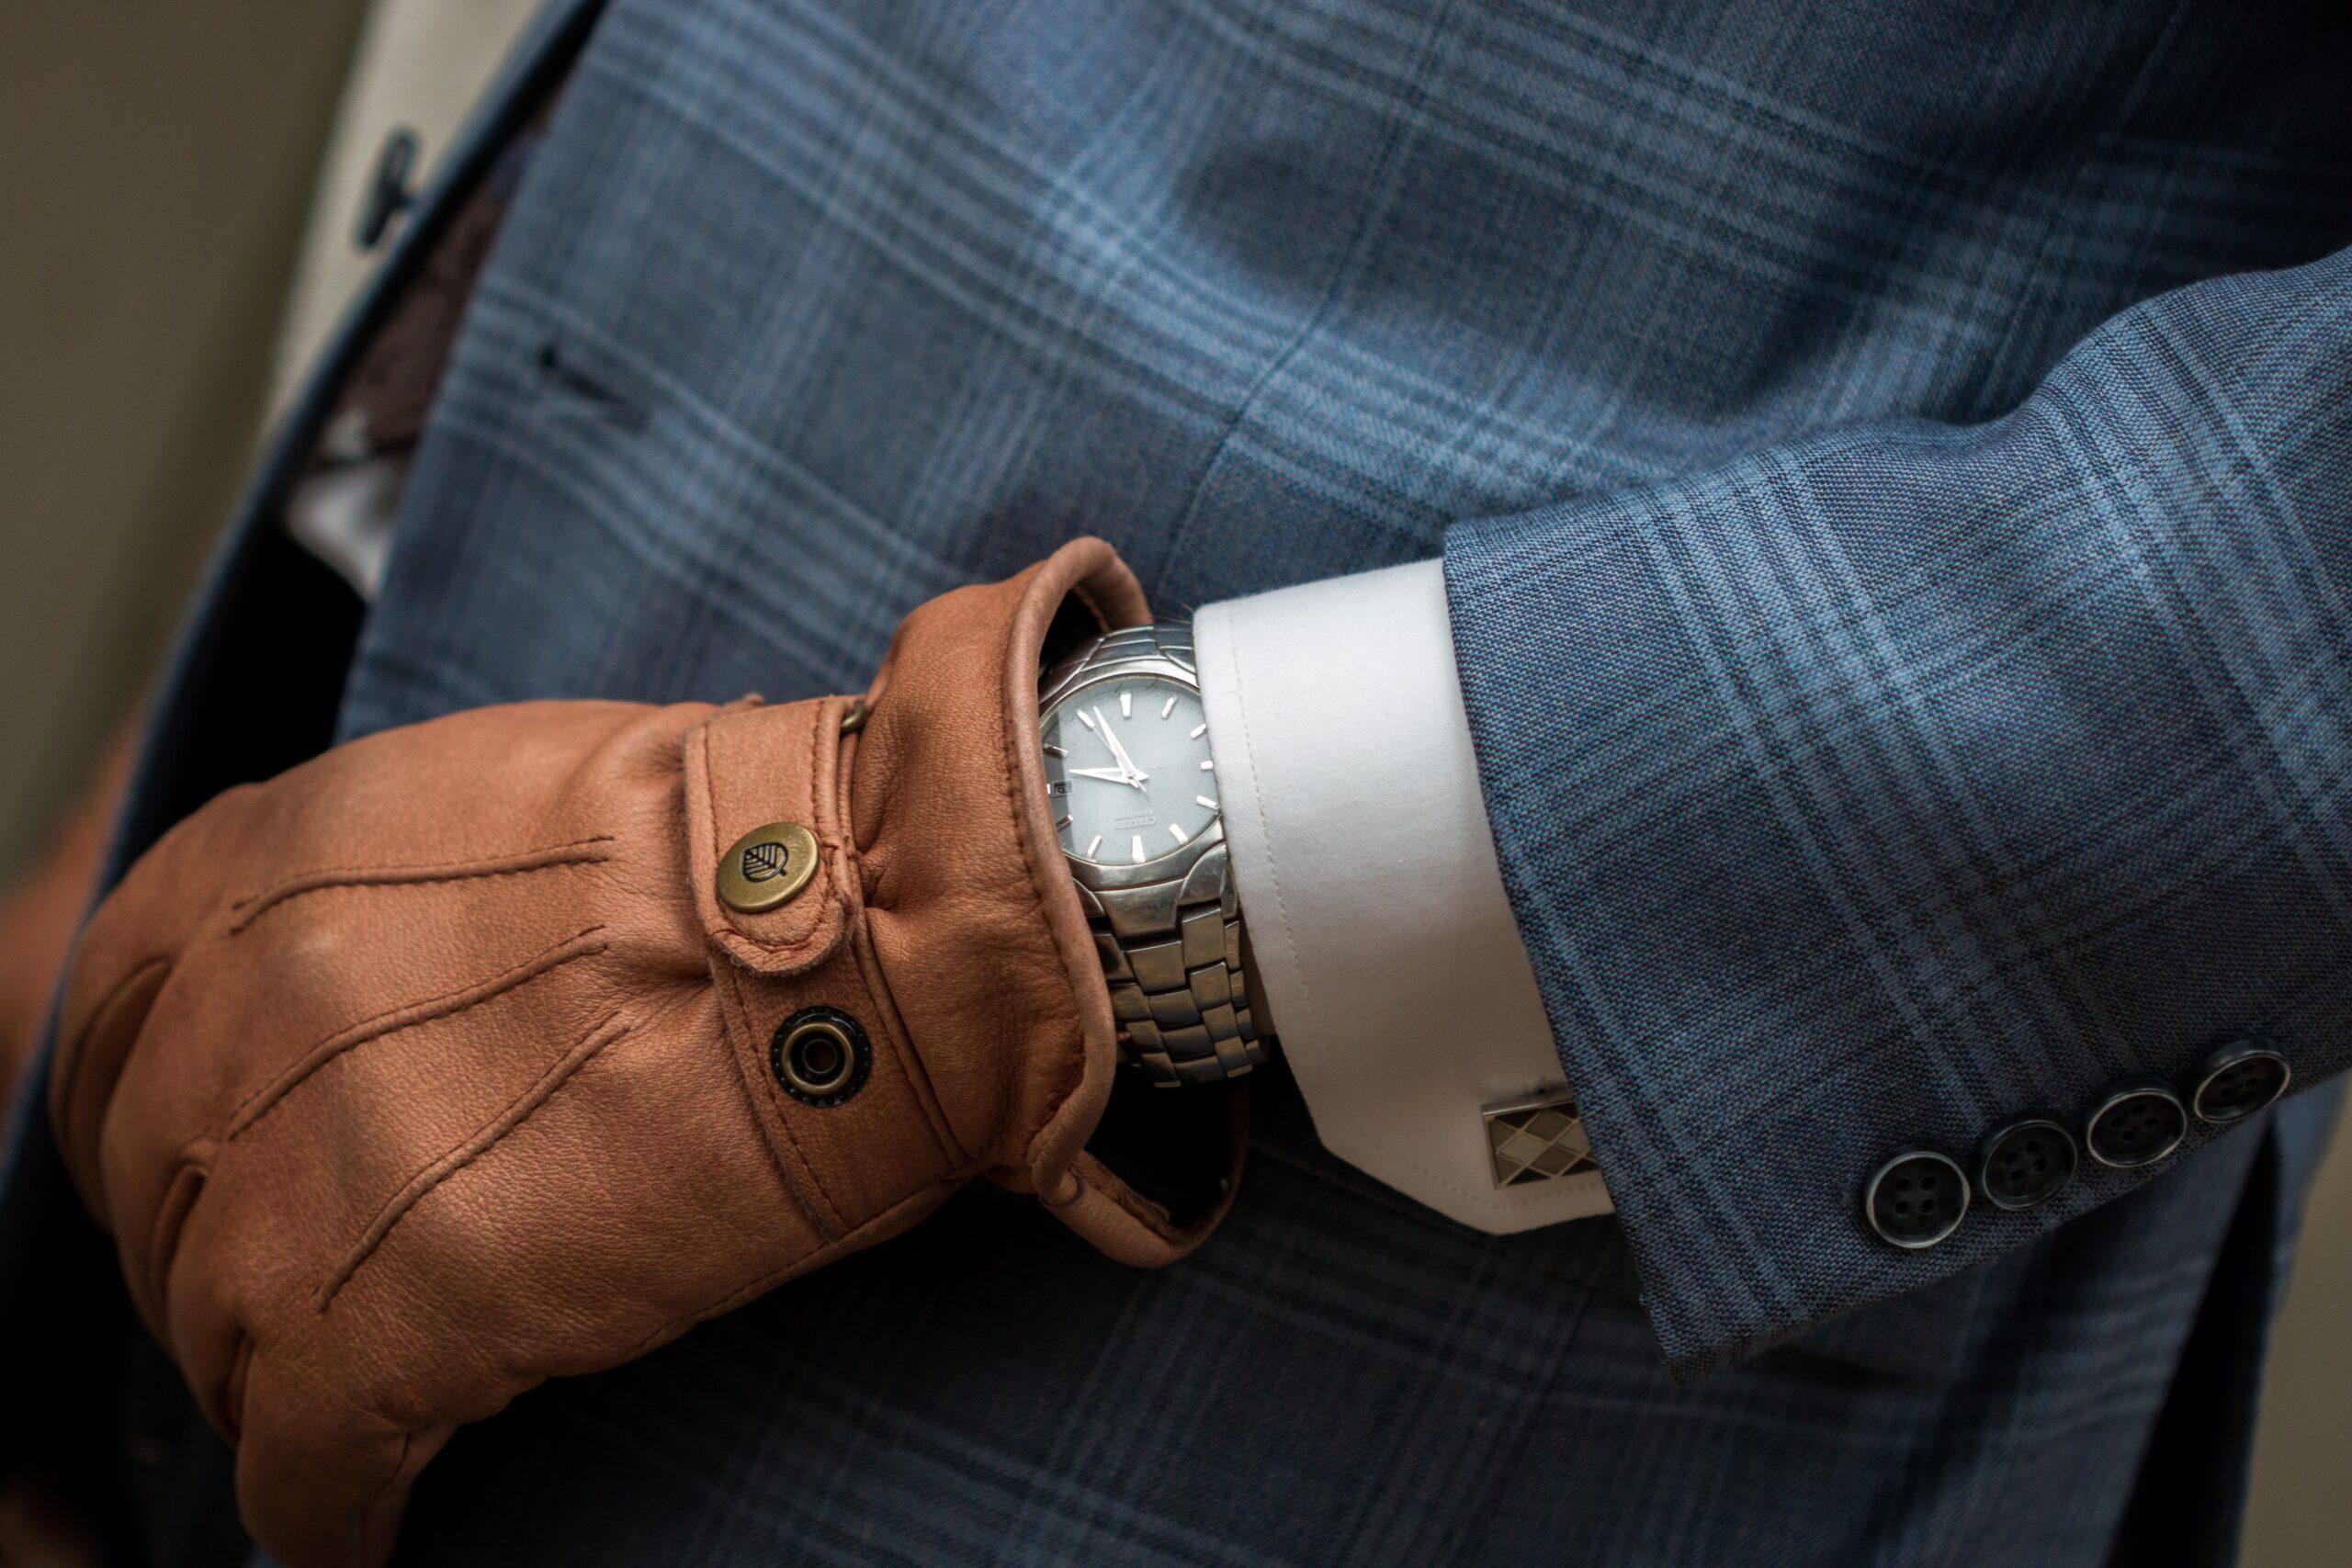 menswear-accessories-cufflinks-article-husky-executive